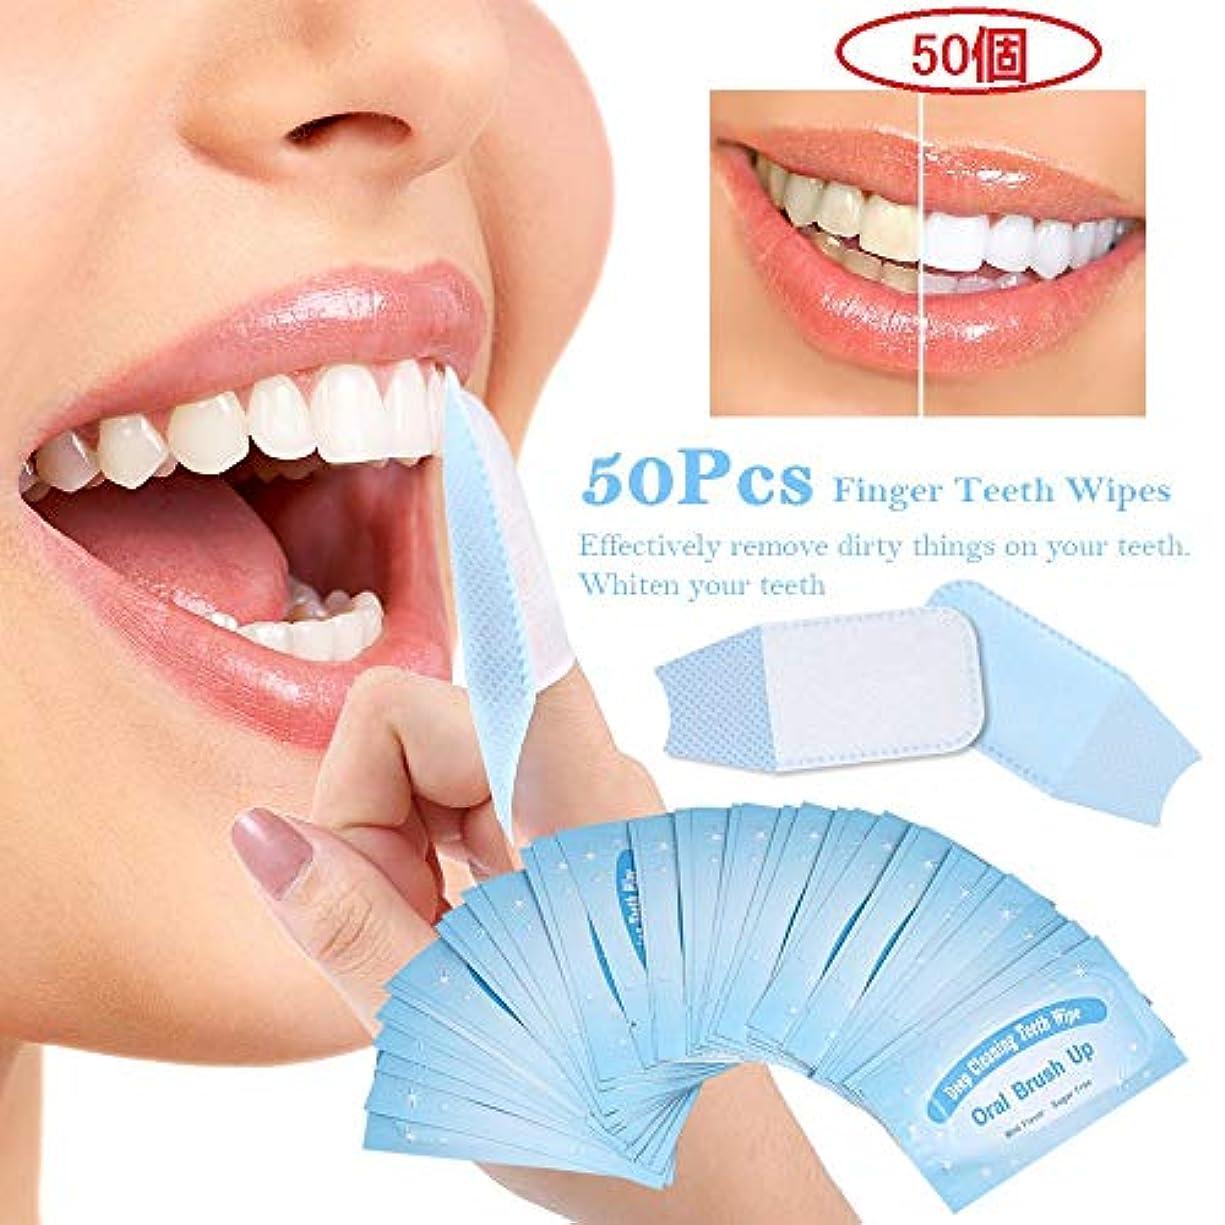 シェトランド諸島必須50個-口腔衛生指の歯ワイプ歯ブラシアップワイプ歯科用ディープクリーニング歯のホワイトニングツール歯科口腔ケア